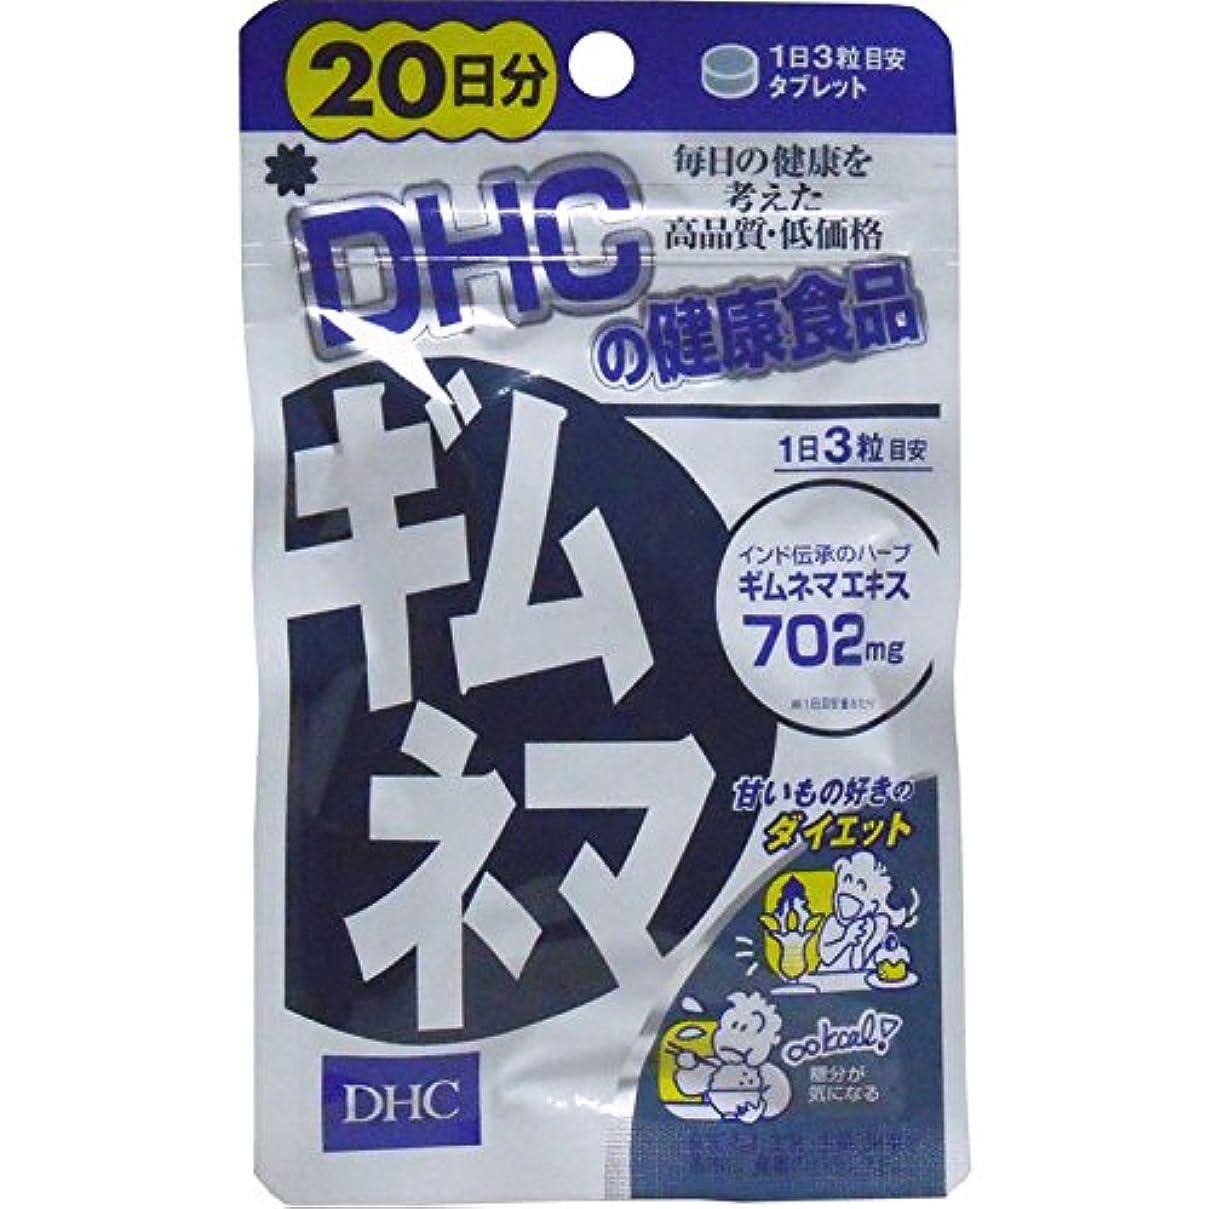 地下鉄カップル要塞ダイエット 美容 健康 糖分や炭水化物を多く摂る人に 人気商品 DHC ギムネマ 20日分 60粒【5個セット】